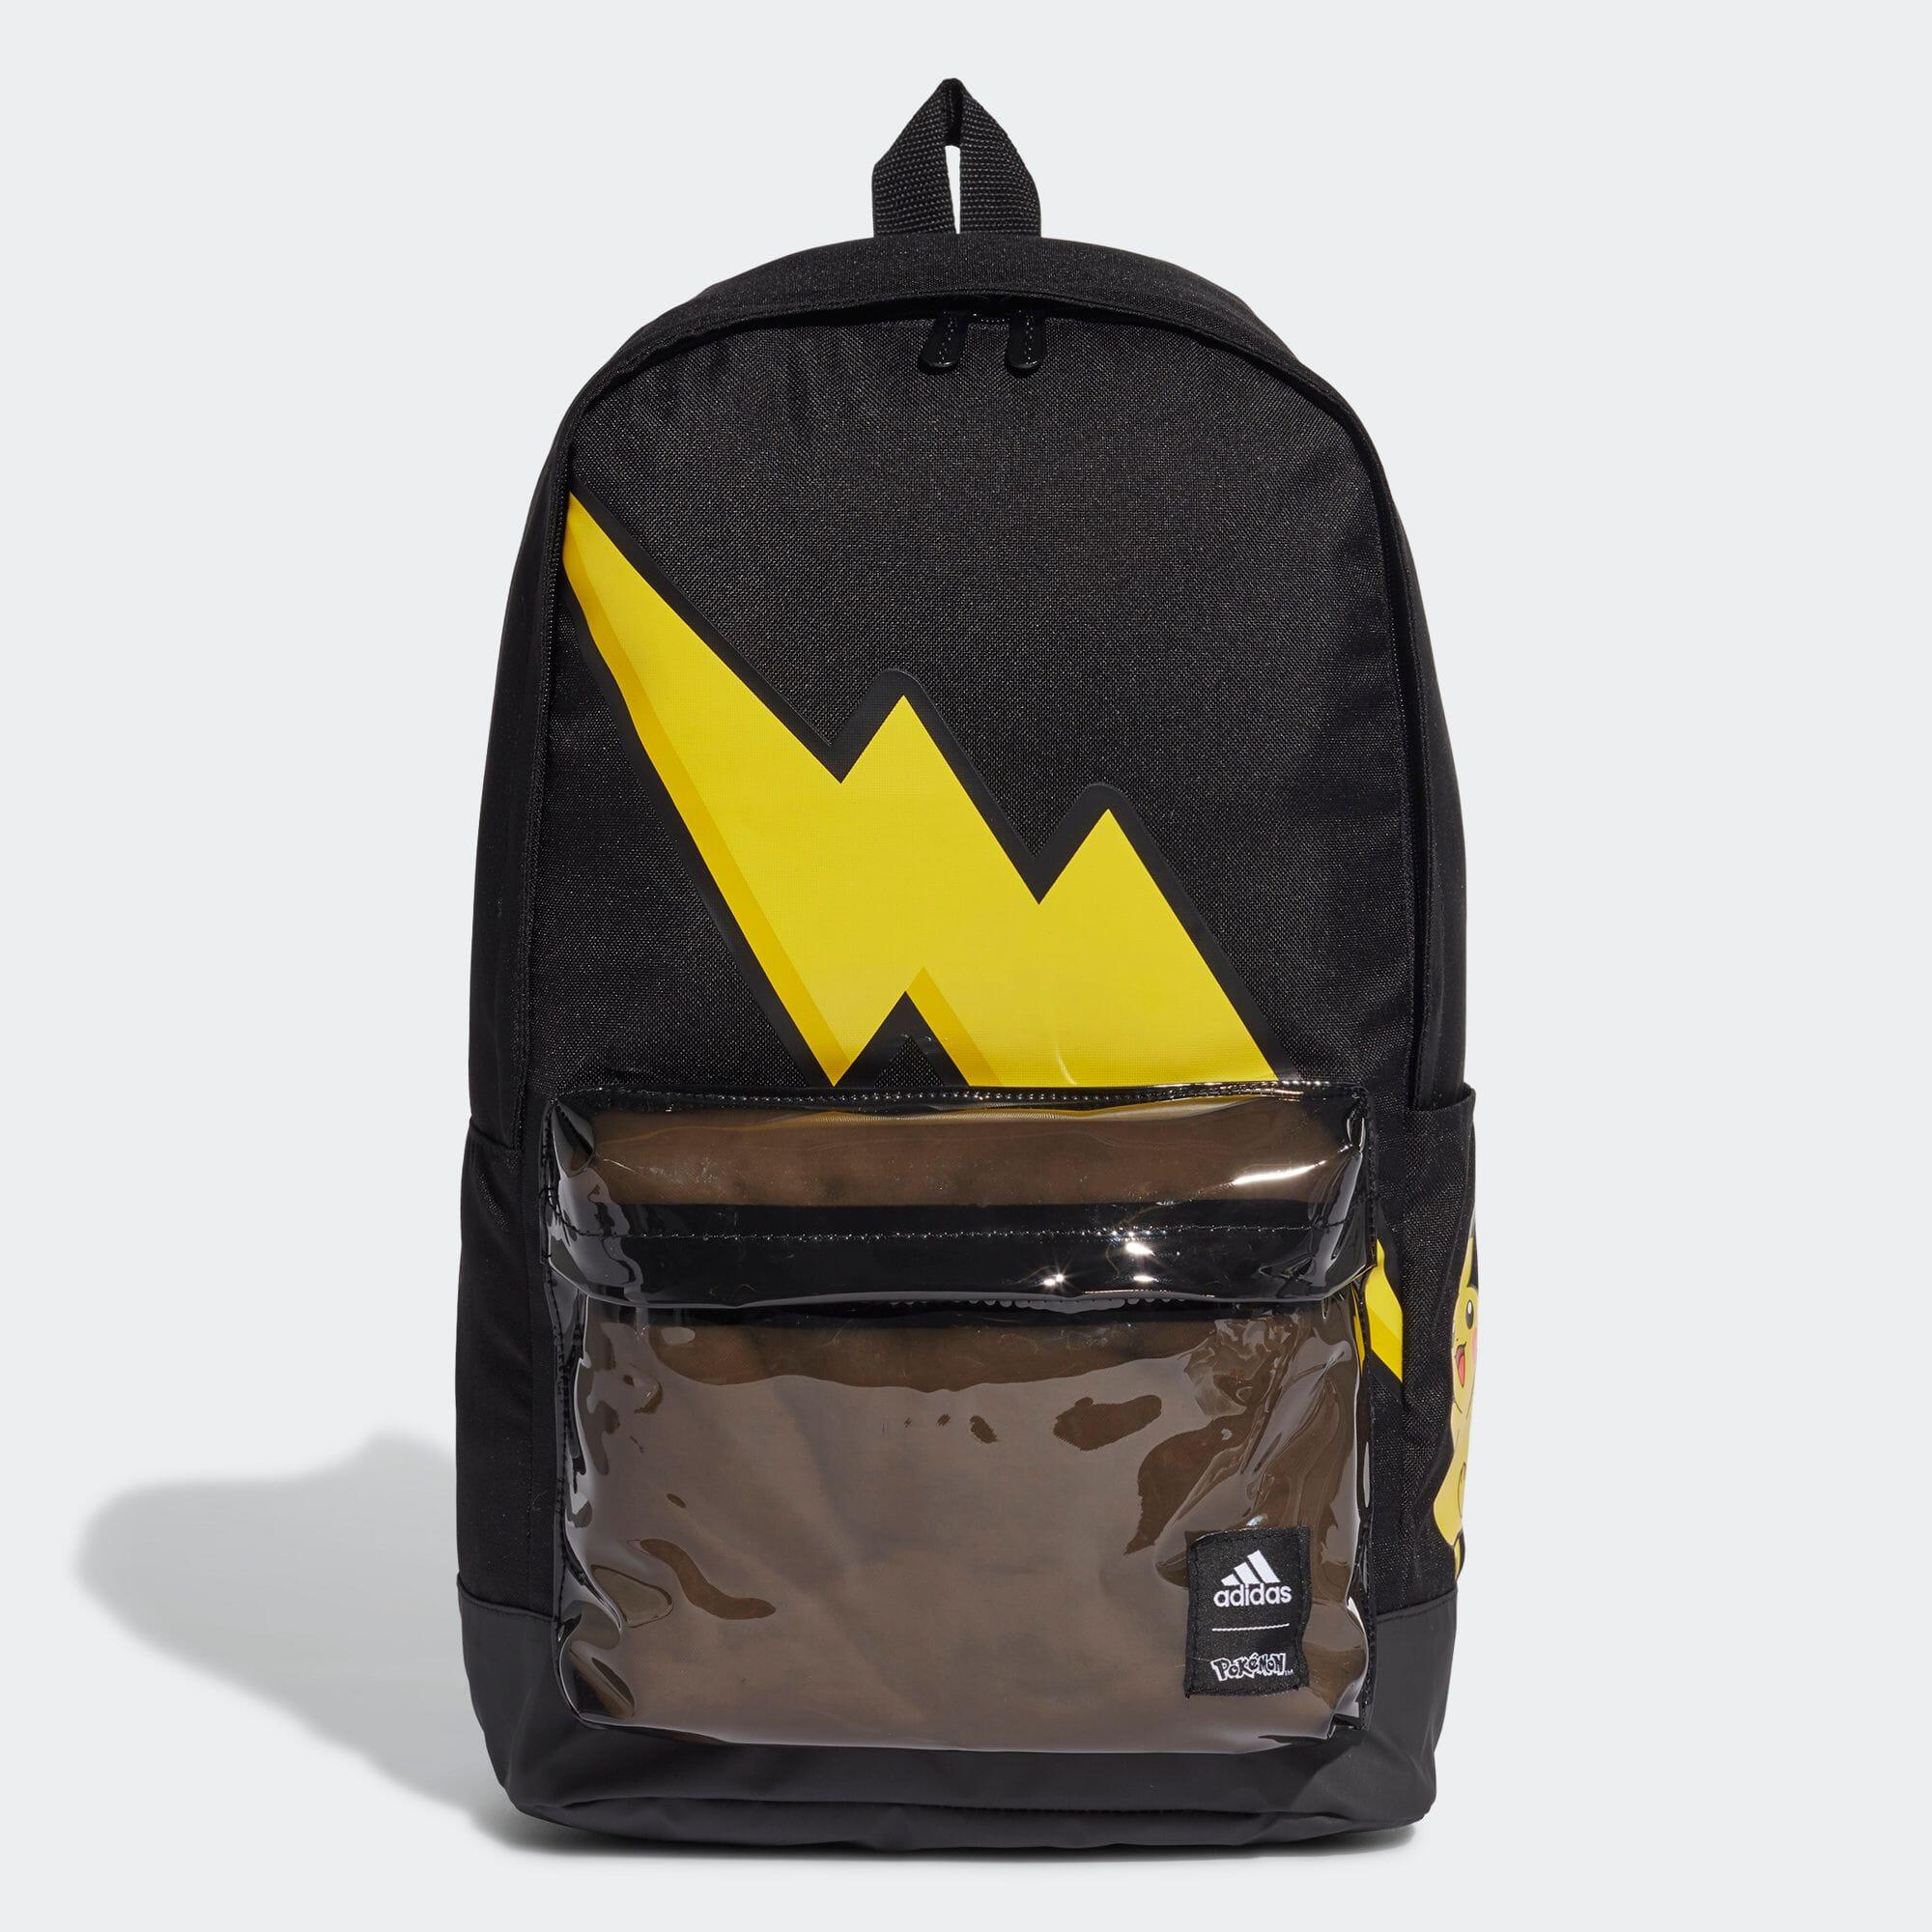 ポケモンバックパック / Pokemon Backpack